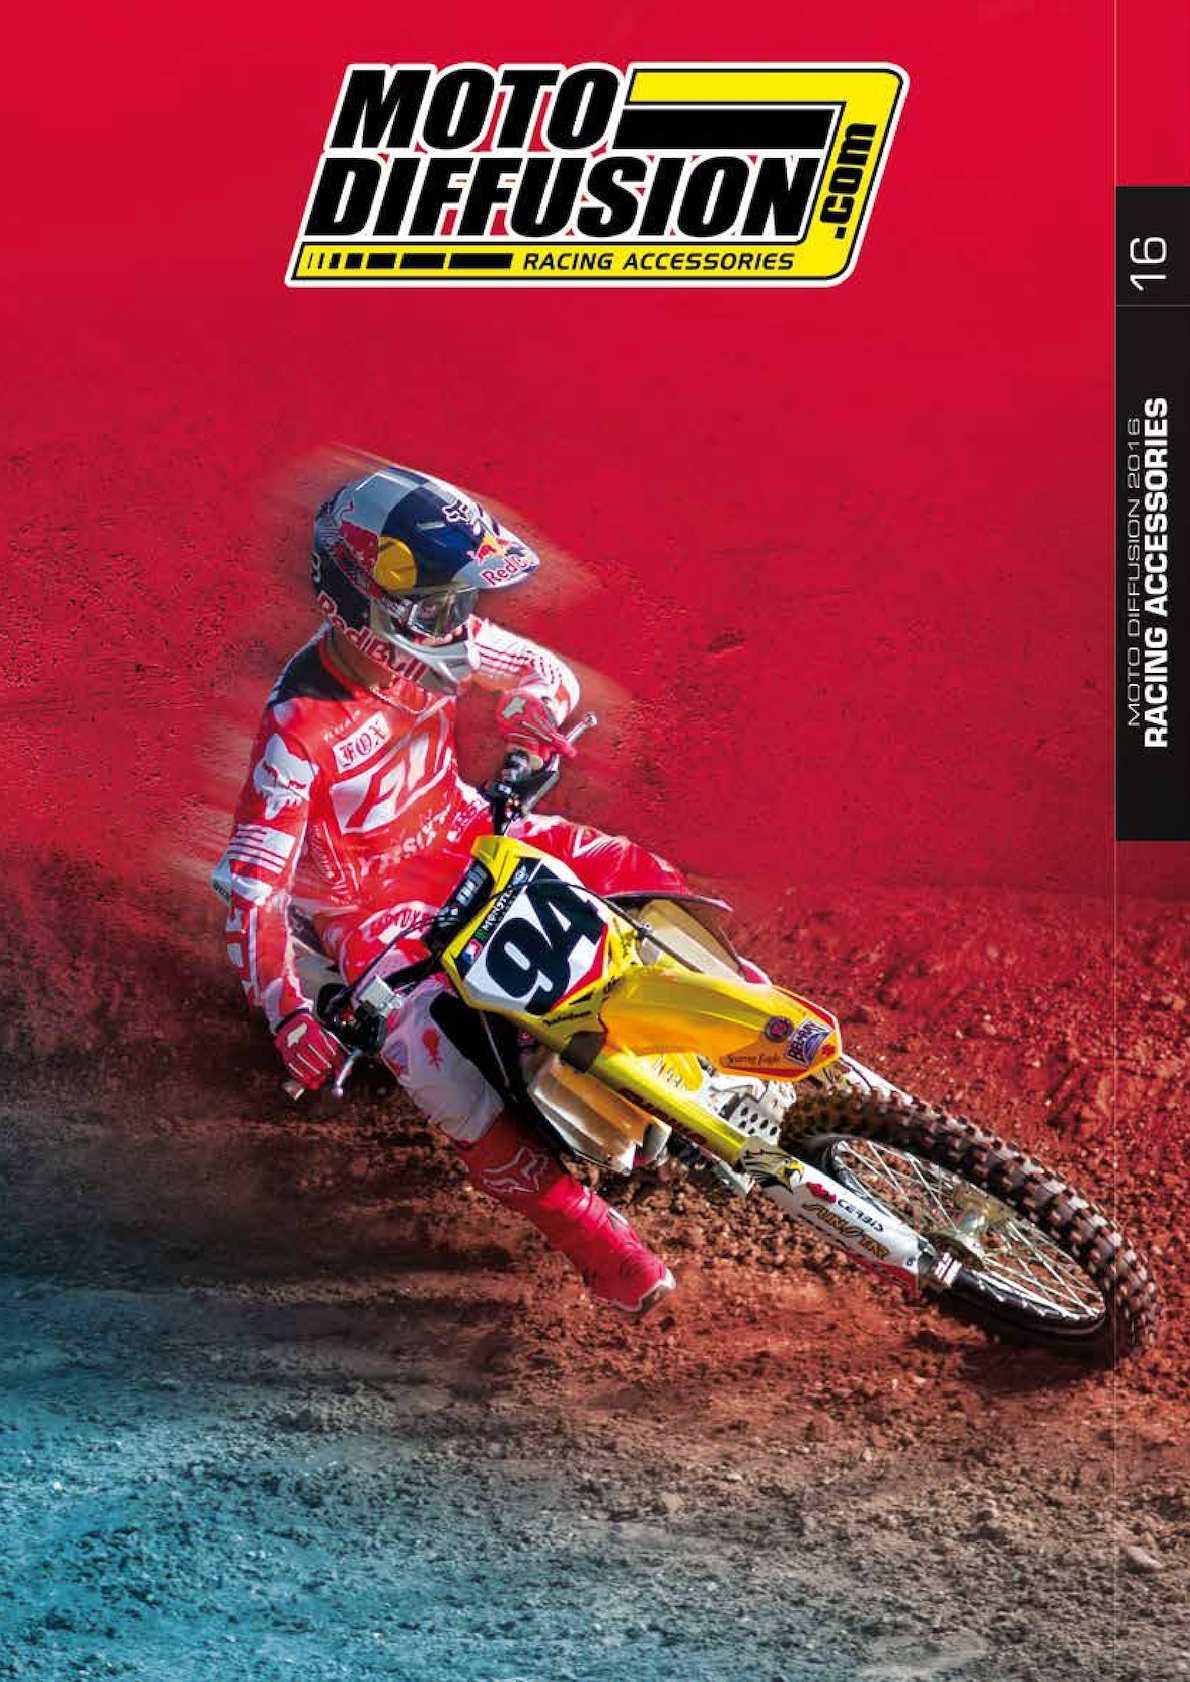 Scott Motocross/VTT Lunettes-Recoil XI-noir-orange fluo-Claire Works Sche Auto, moto – pièces, accessoires